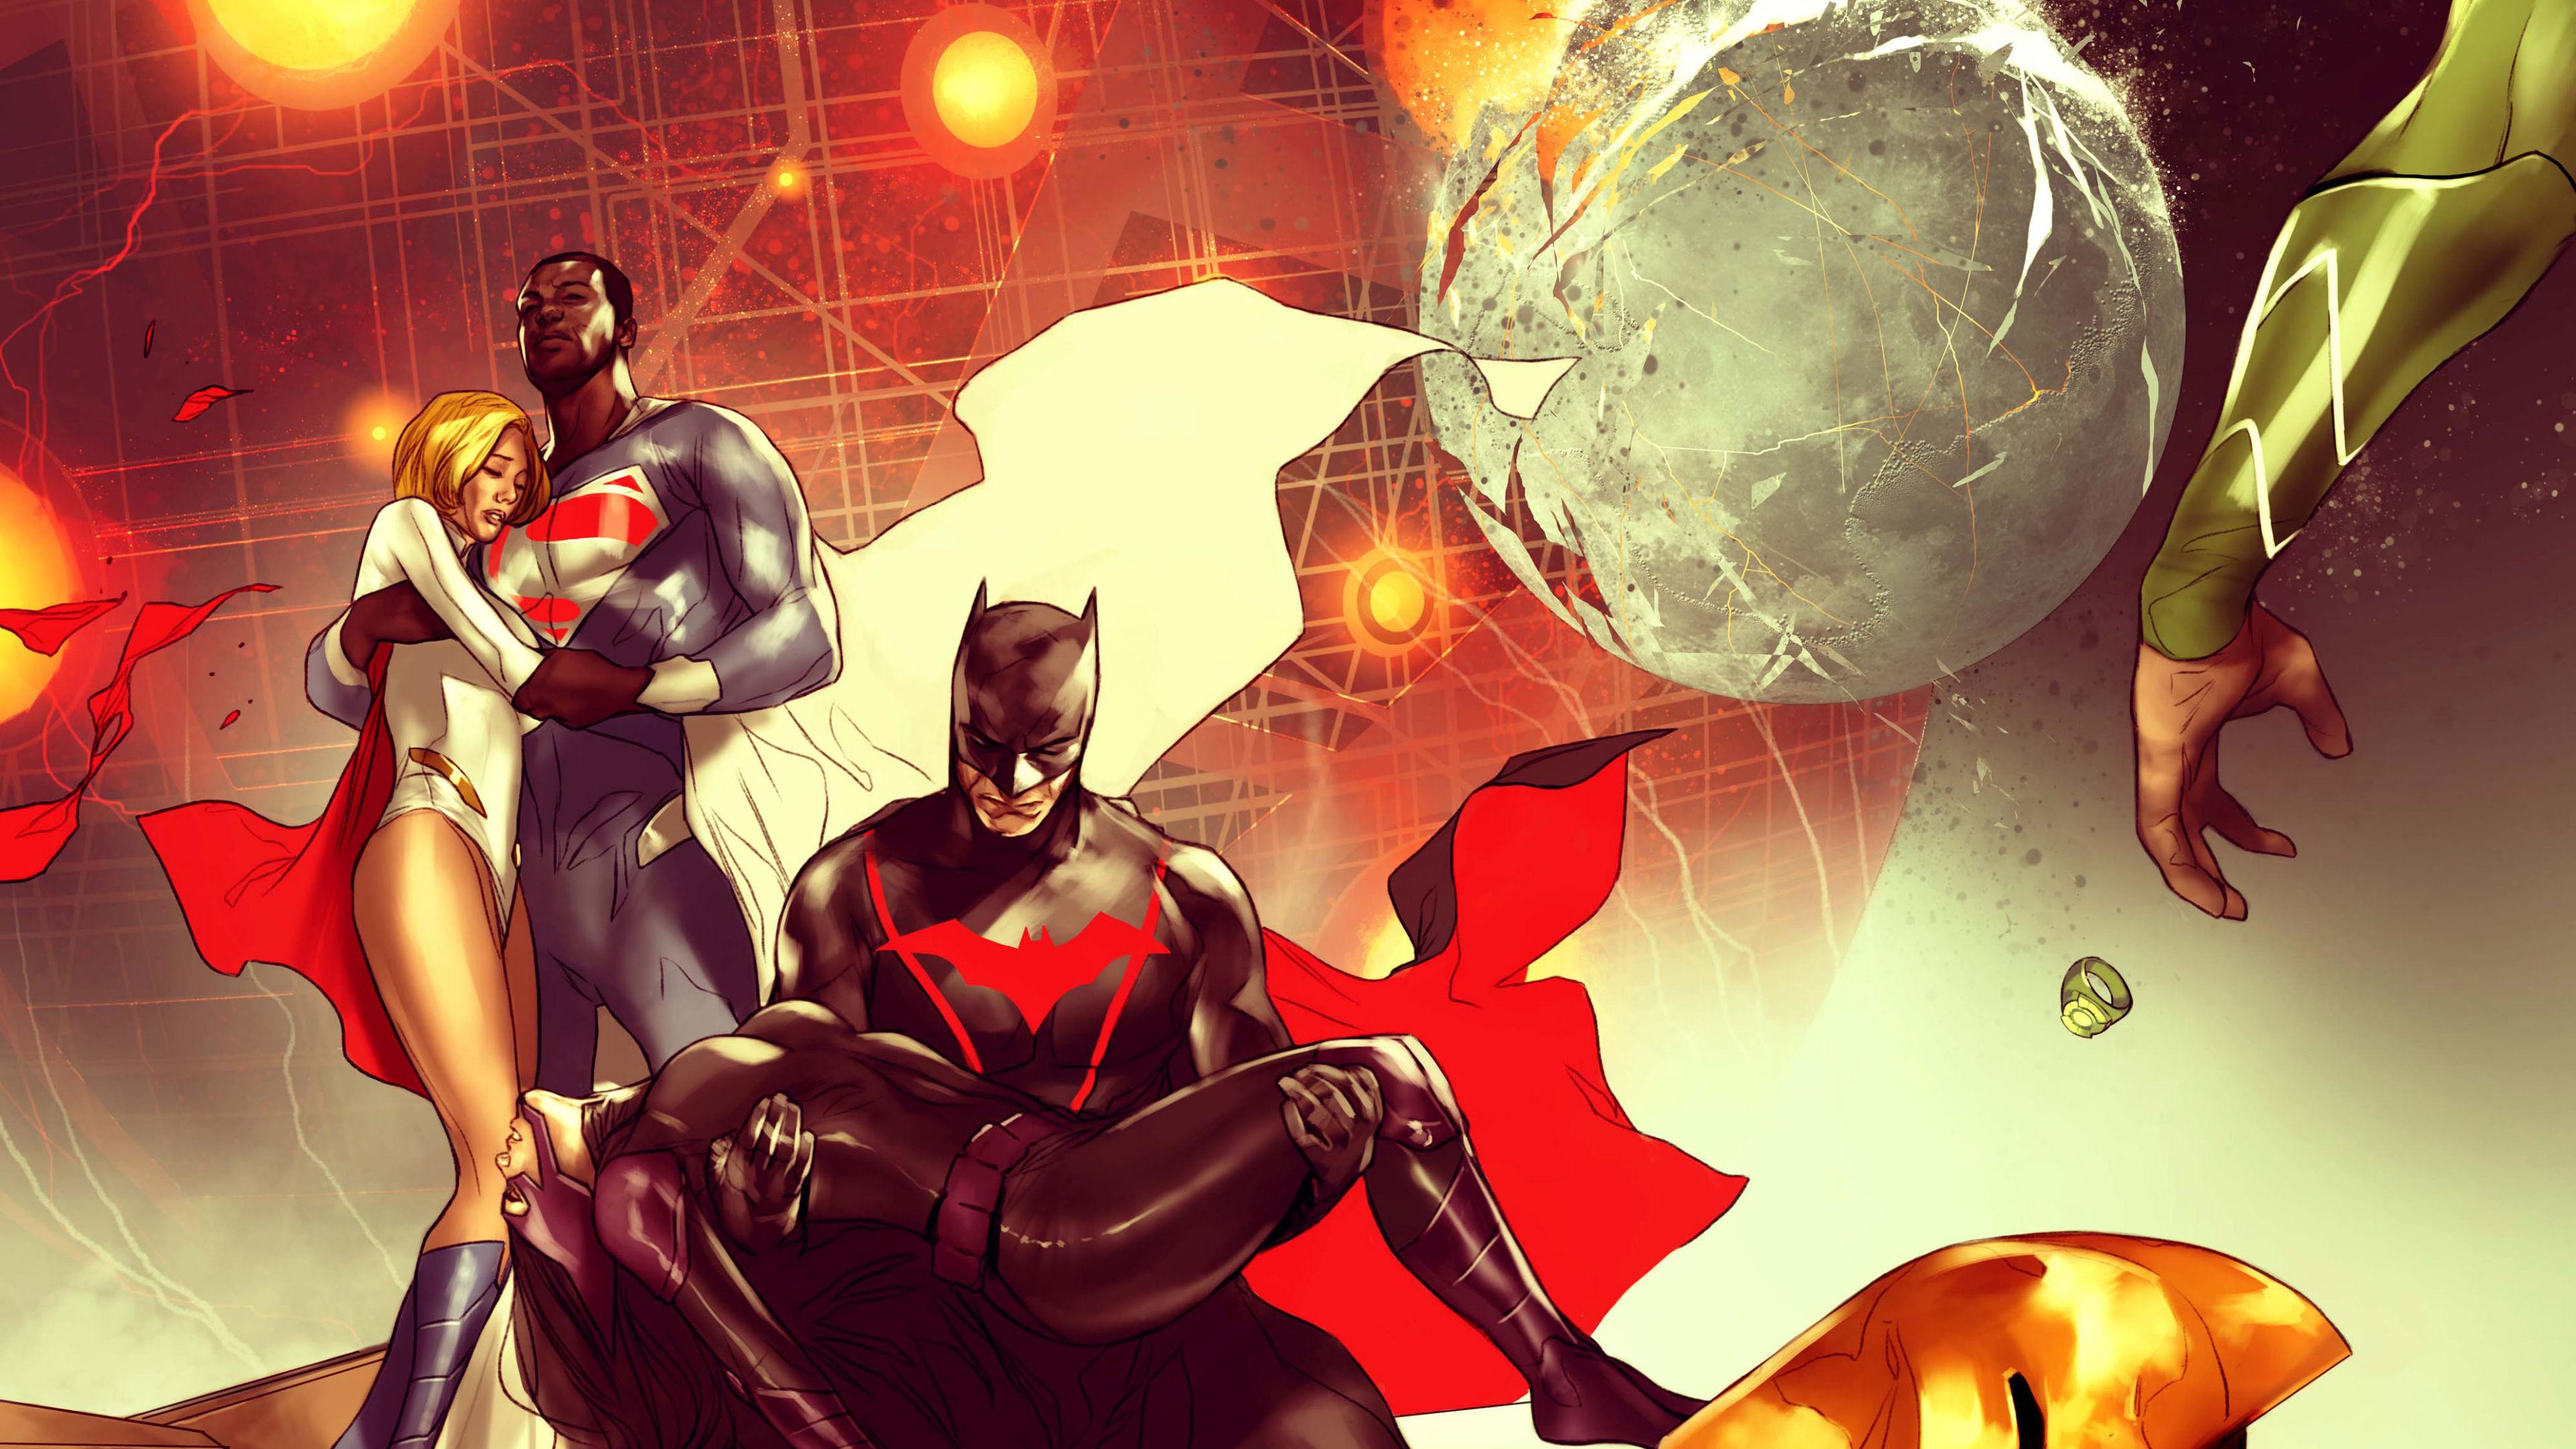 batman two world ends 4k 1547936372 - Batman Two World Ends 4k - superheroes wallpapers, hd-wallpapers, digital art wallpapers, batman wallpapers, artwork wallpapers, 4k-wallpapers